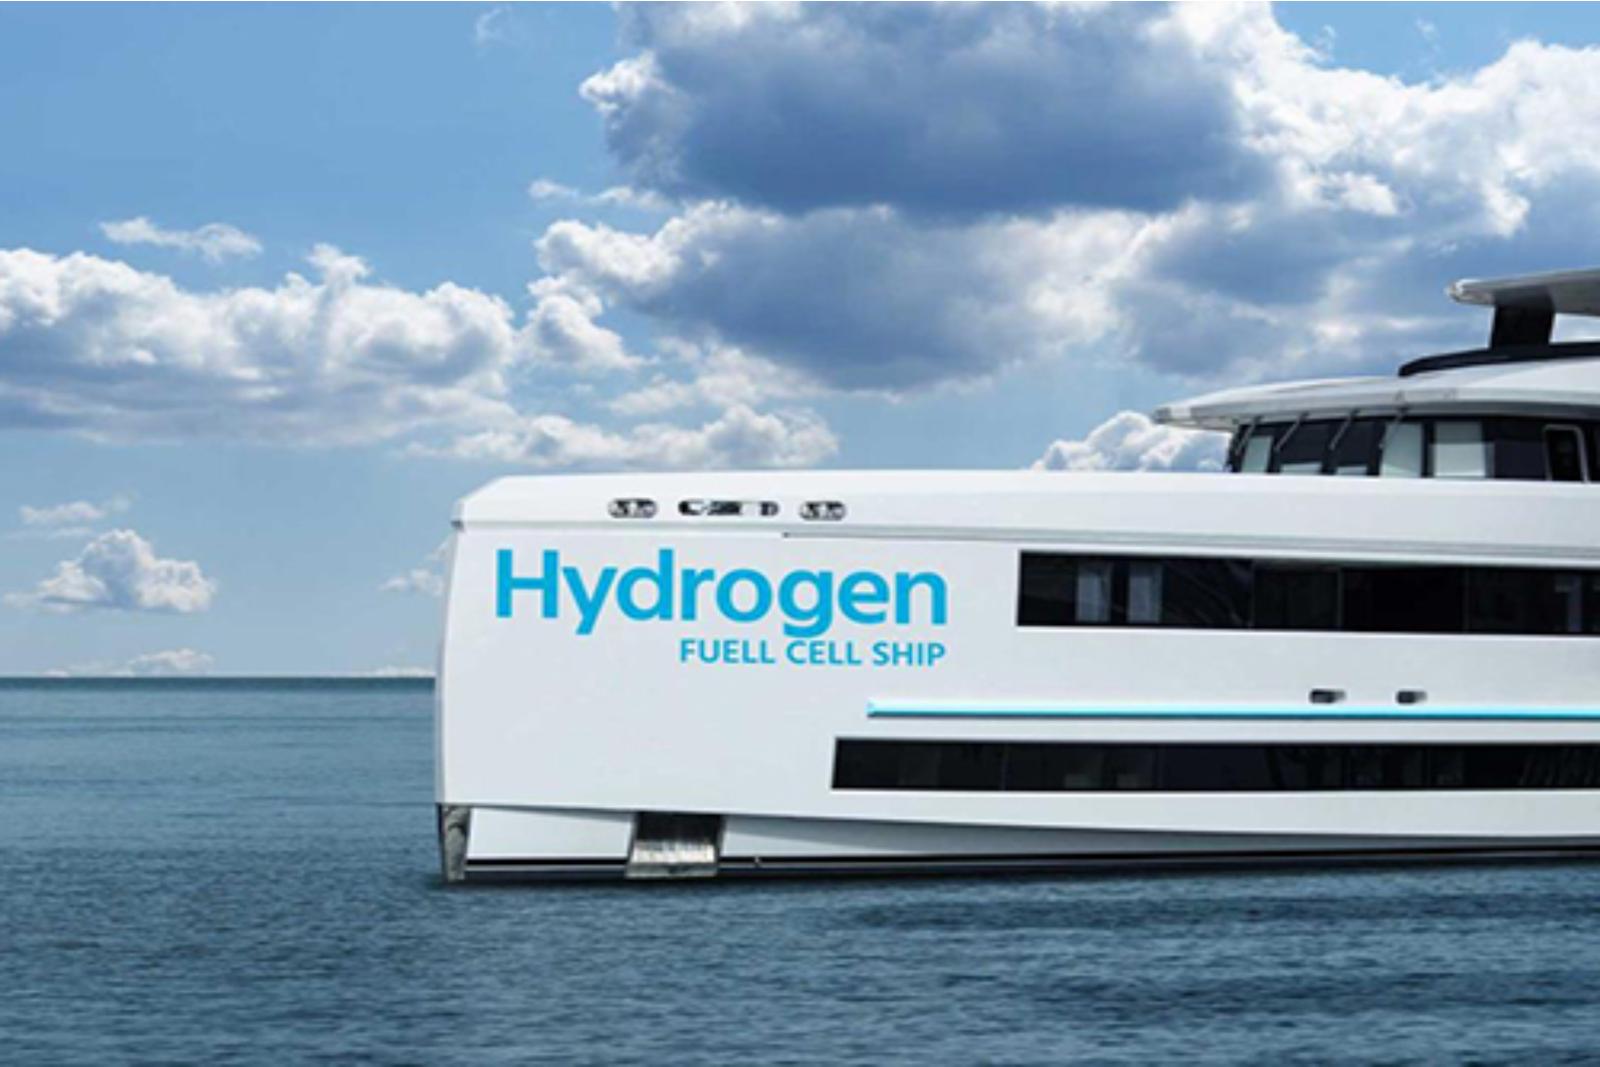 Tema maritimă mondială 2022: Tehnologii pentru transportul ecologic